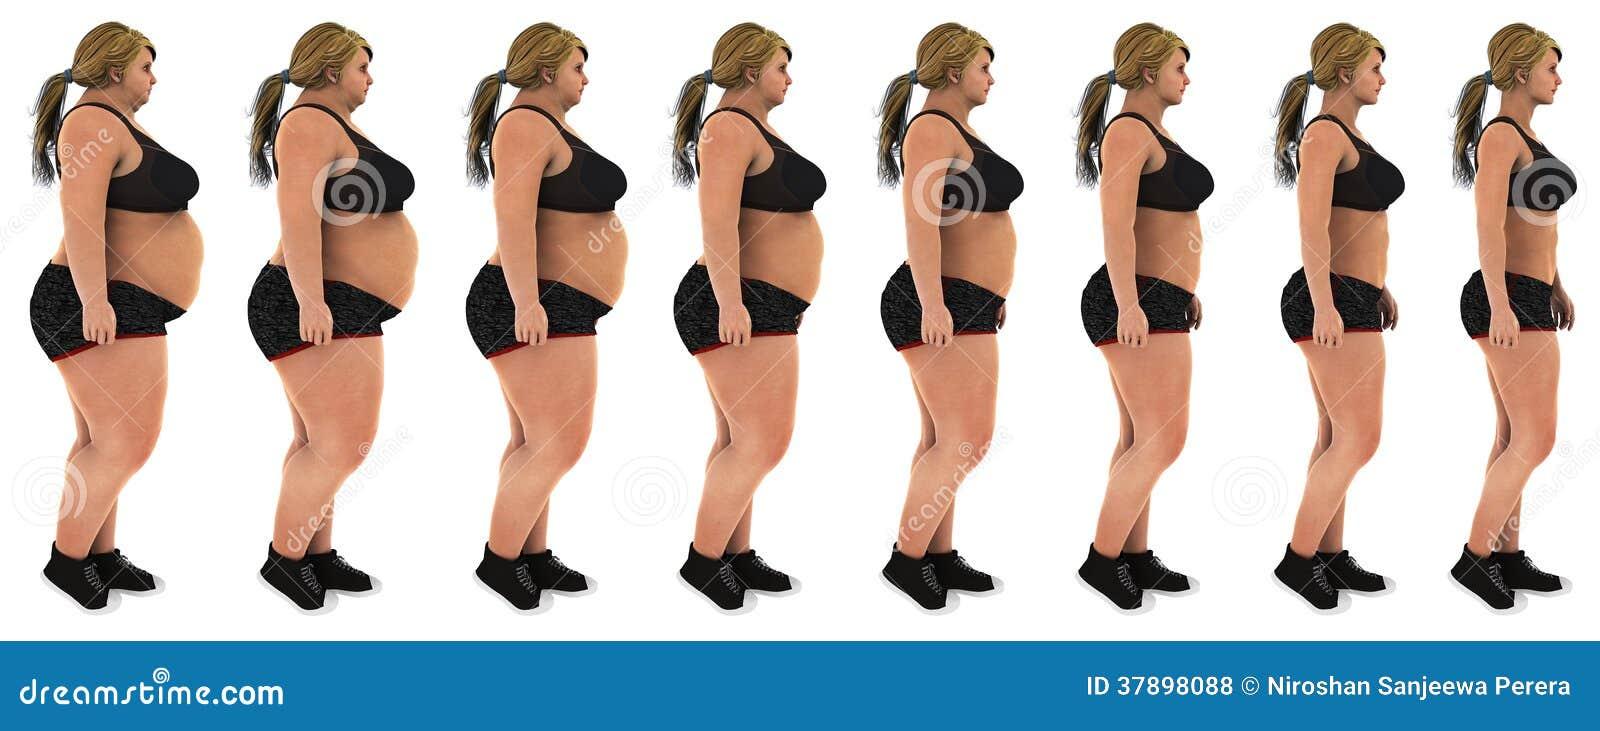 Perdere il peso lentamente senza diete